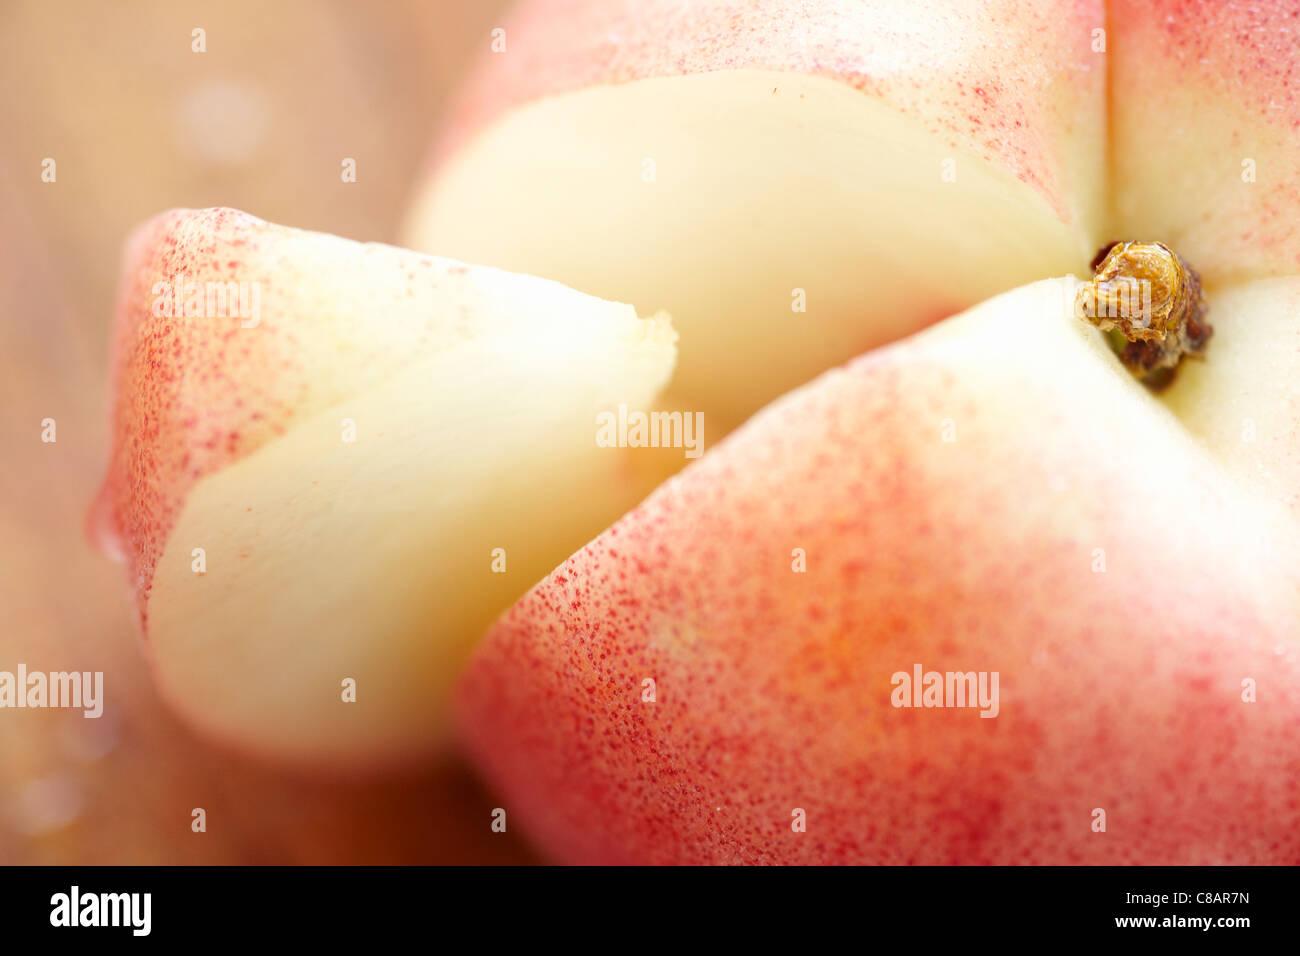 White peach Photo Stock